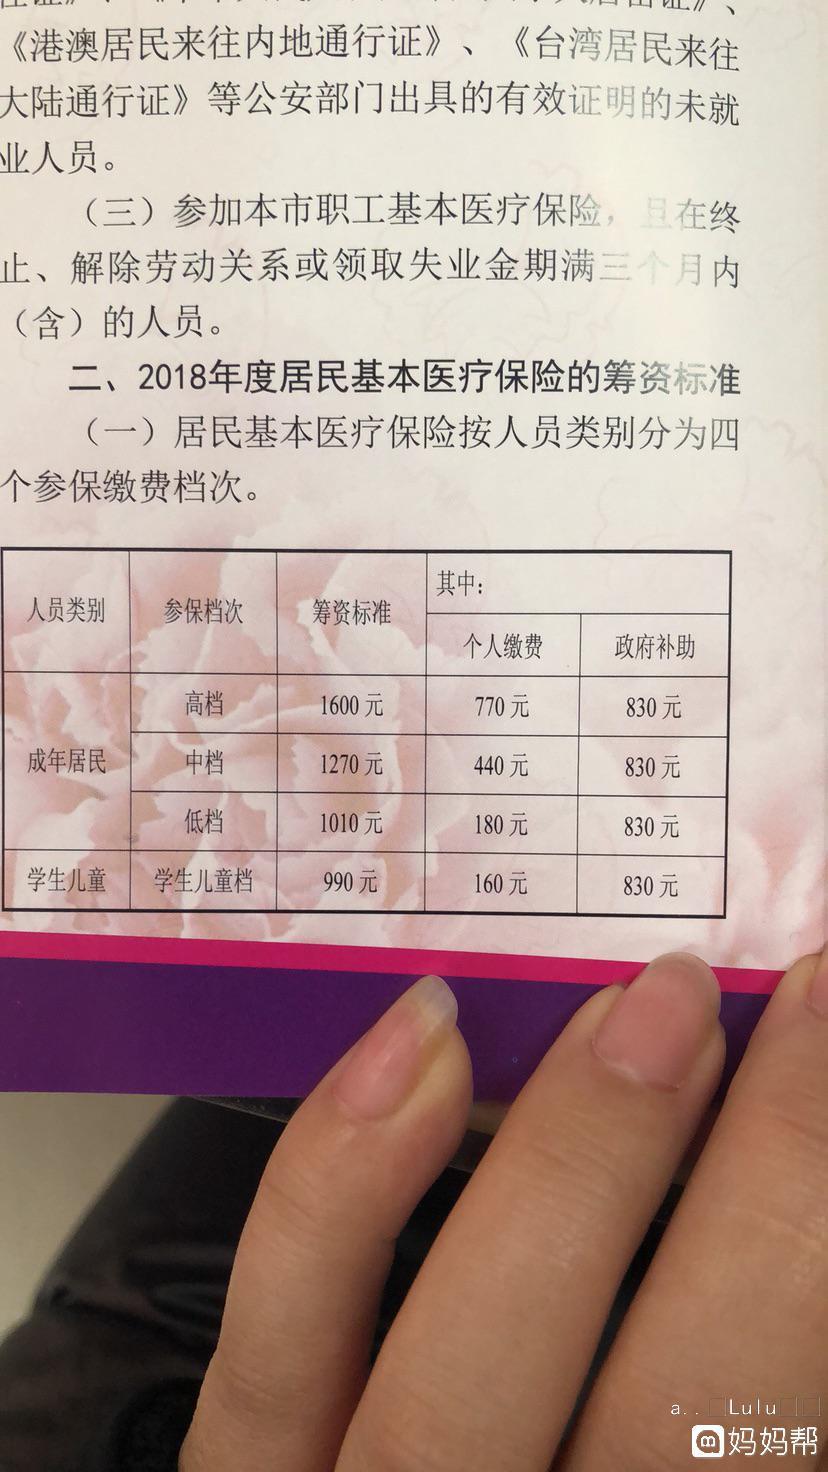 天津市医疗保障局